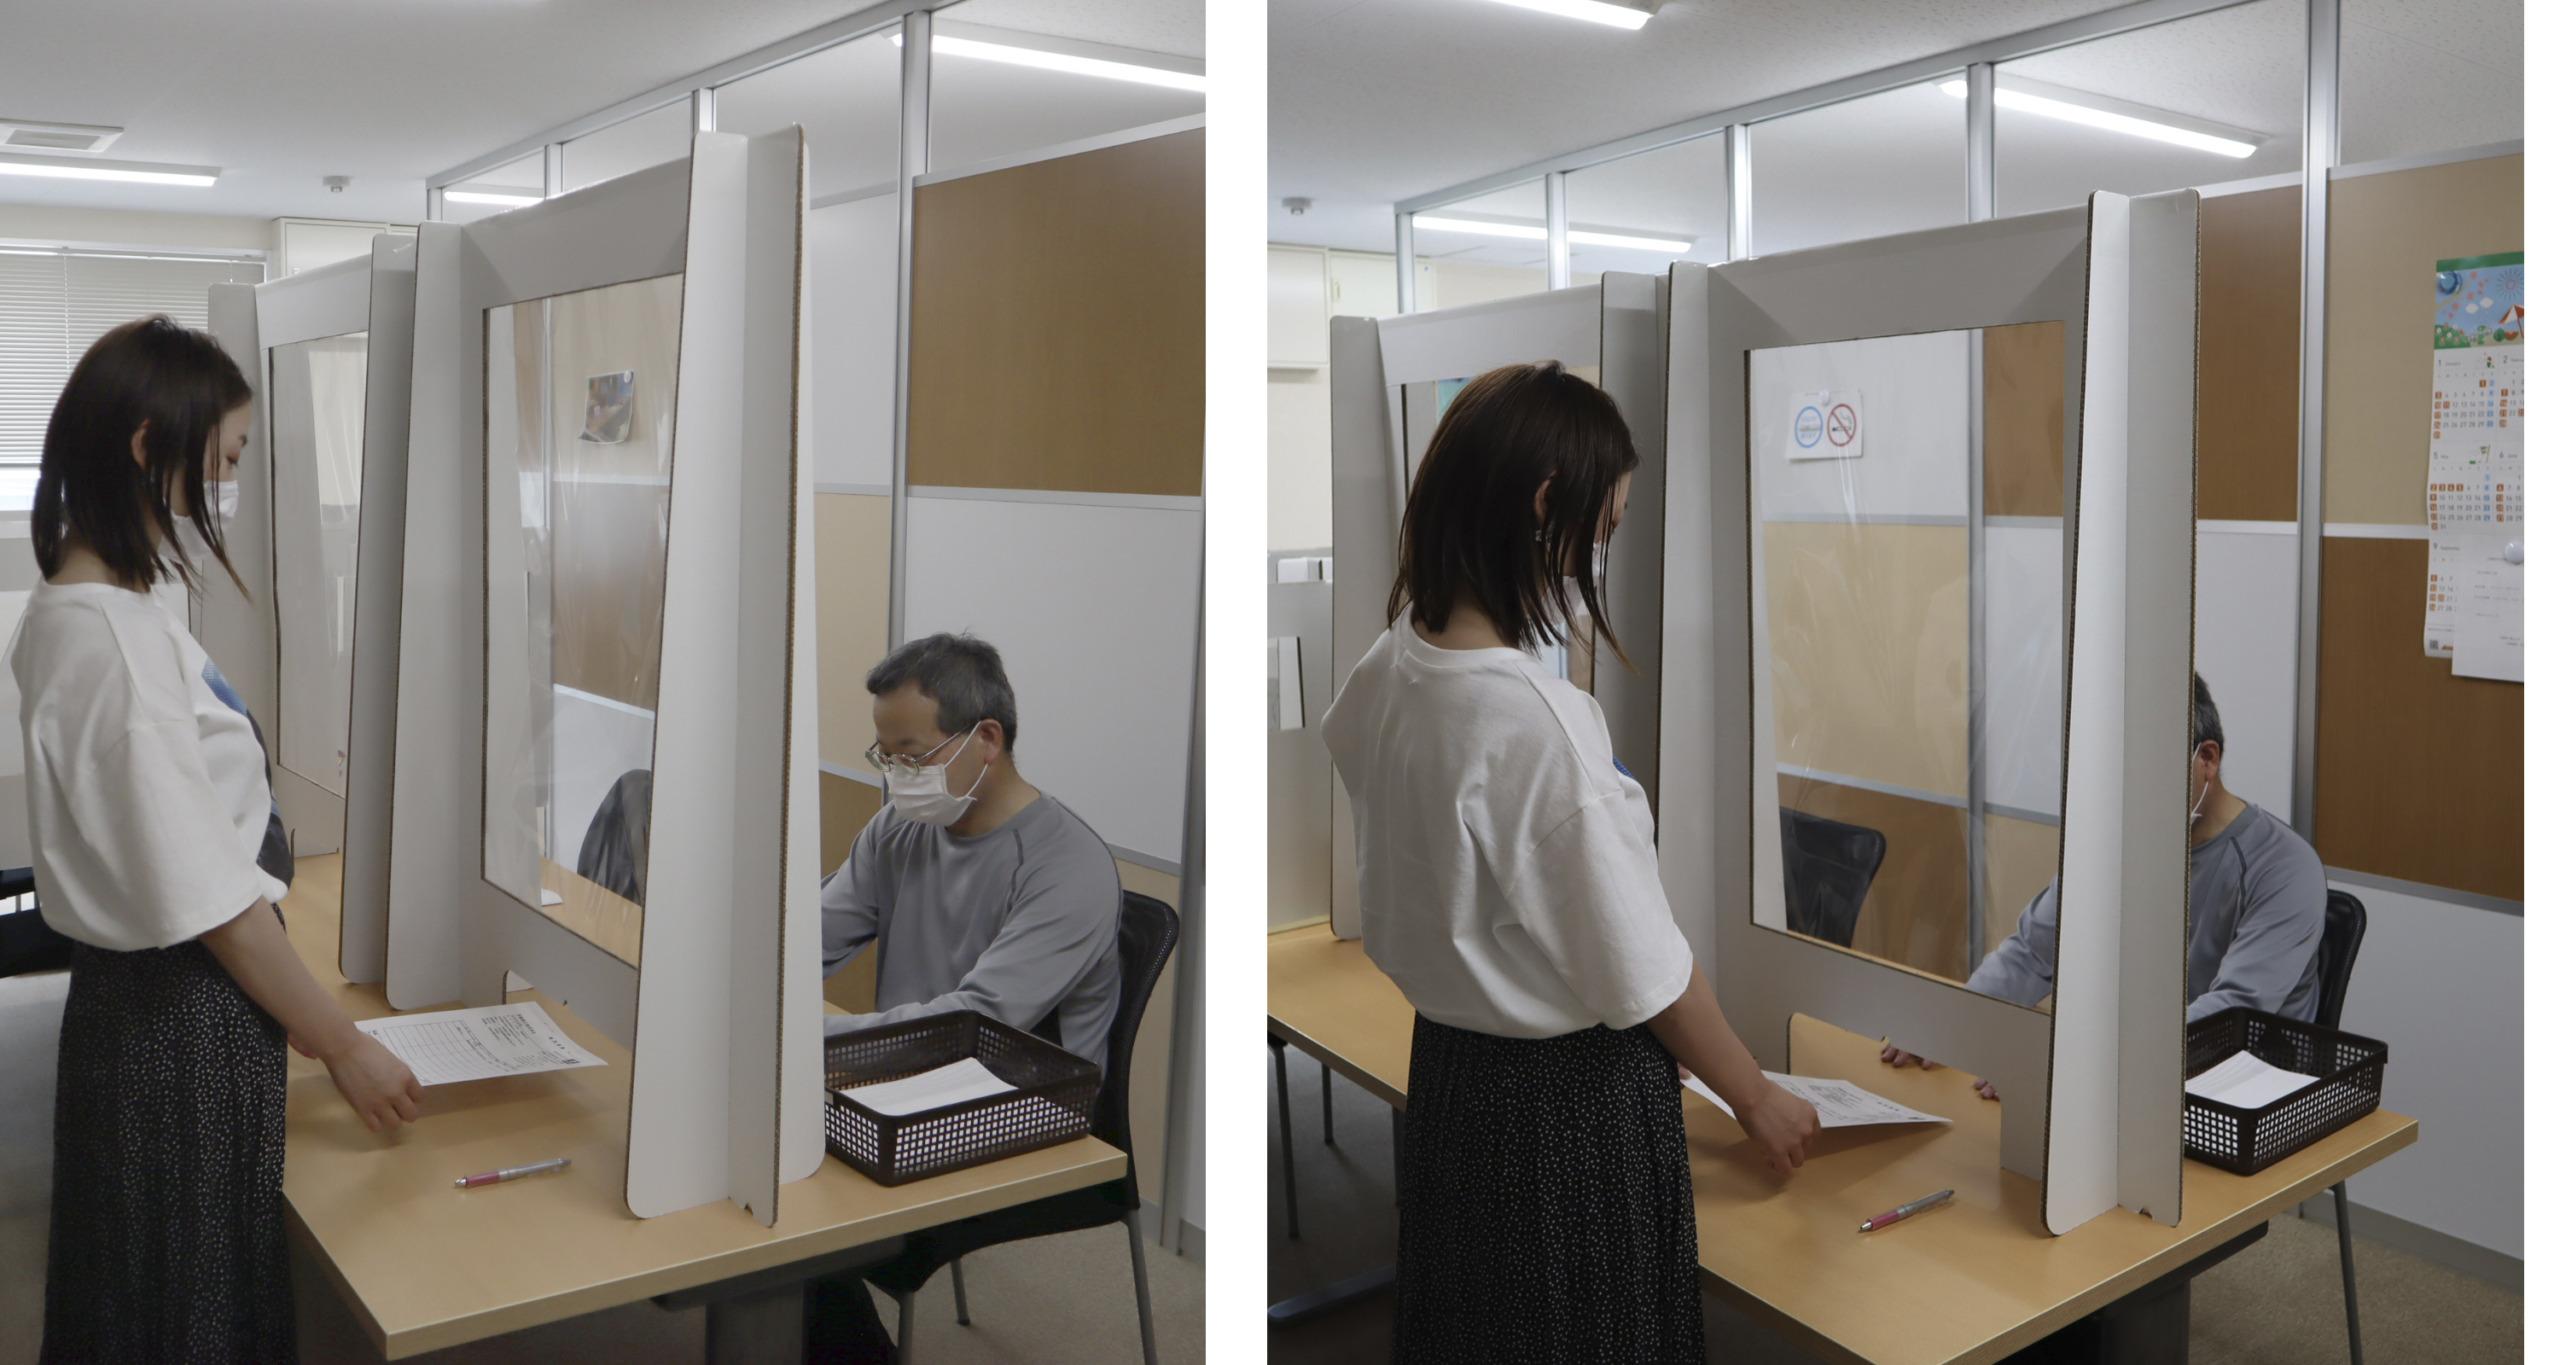 タワー型パーテーションの写真 選挙の際のパーテーション